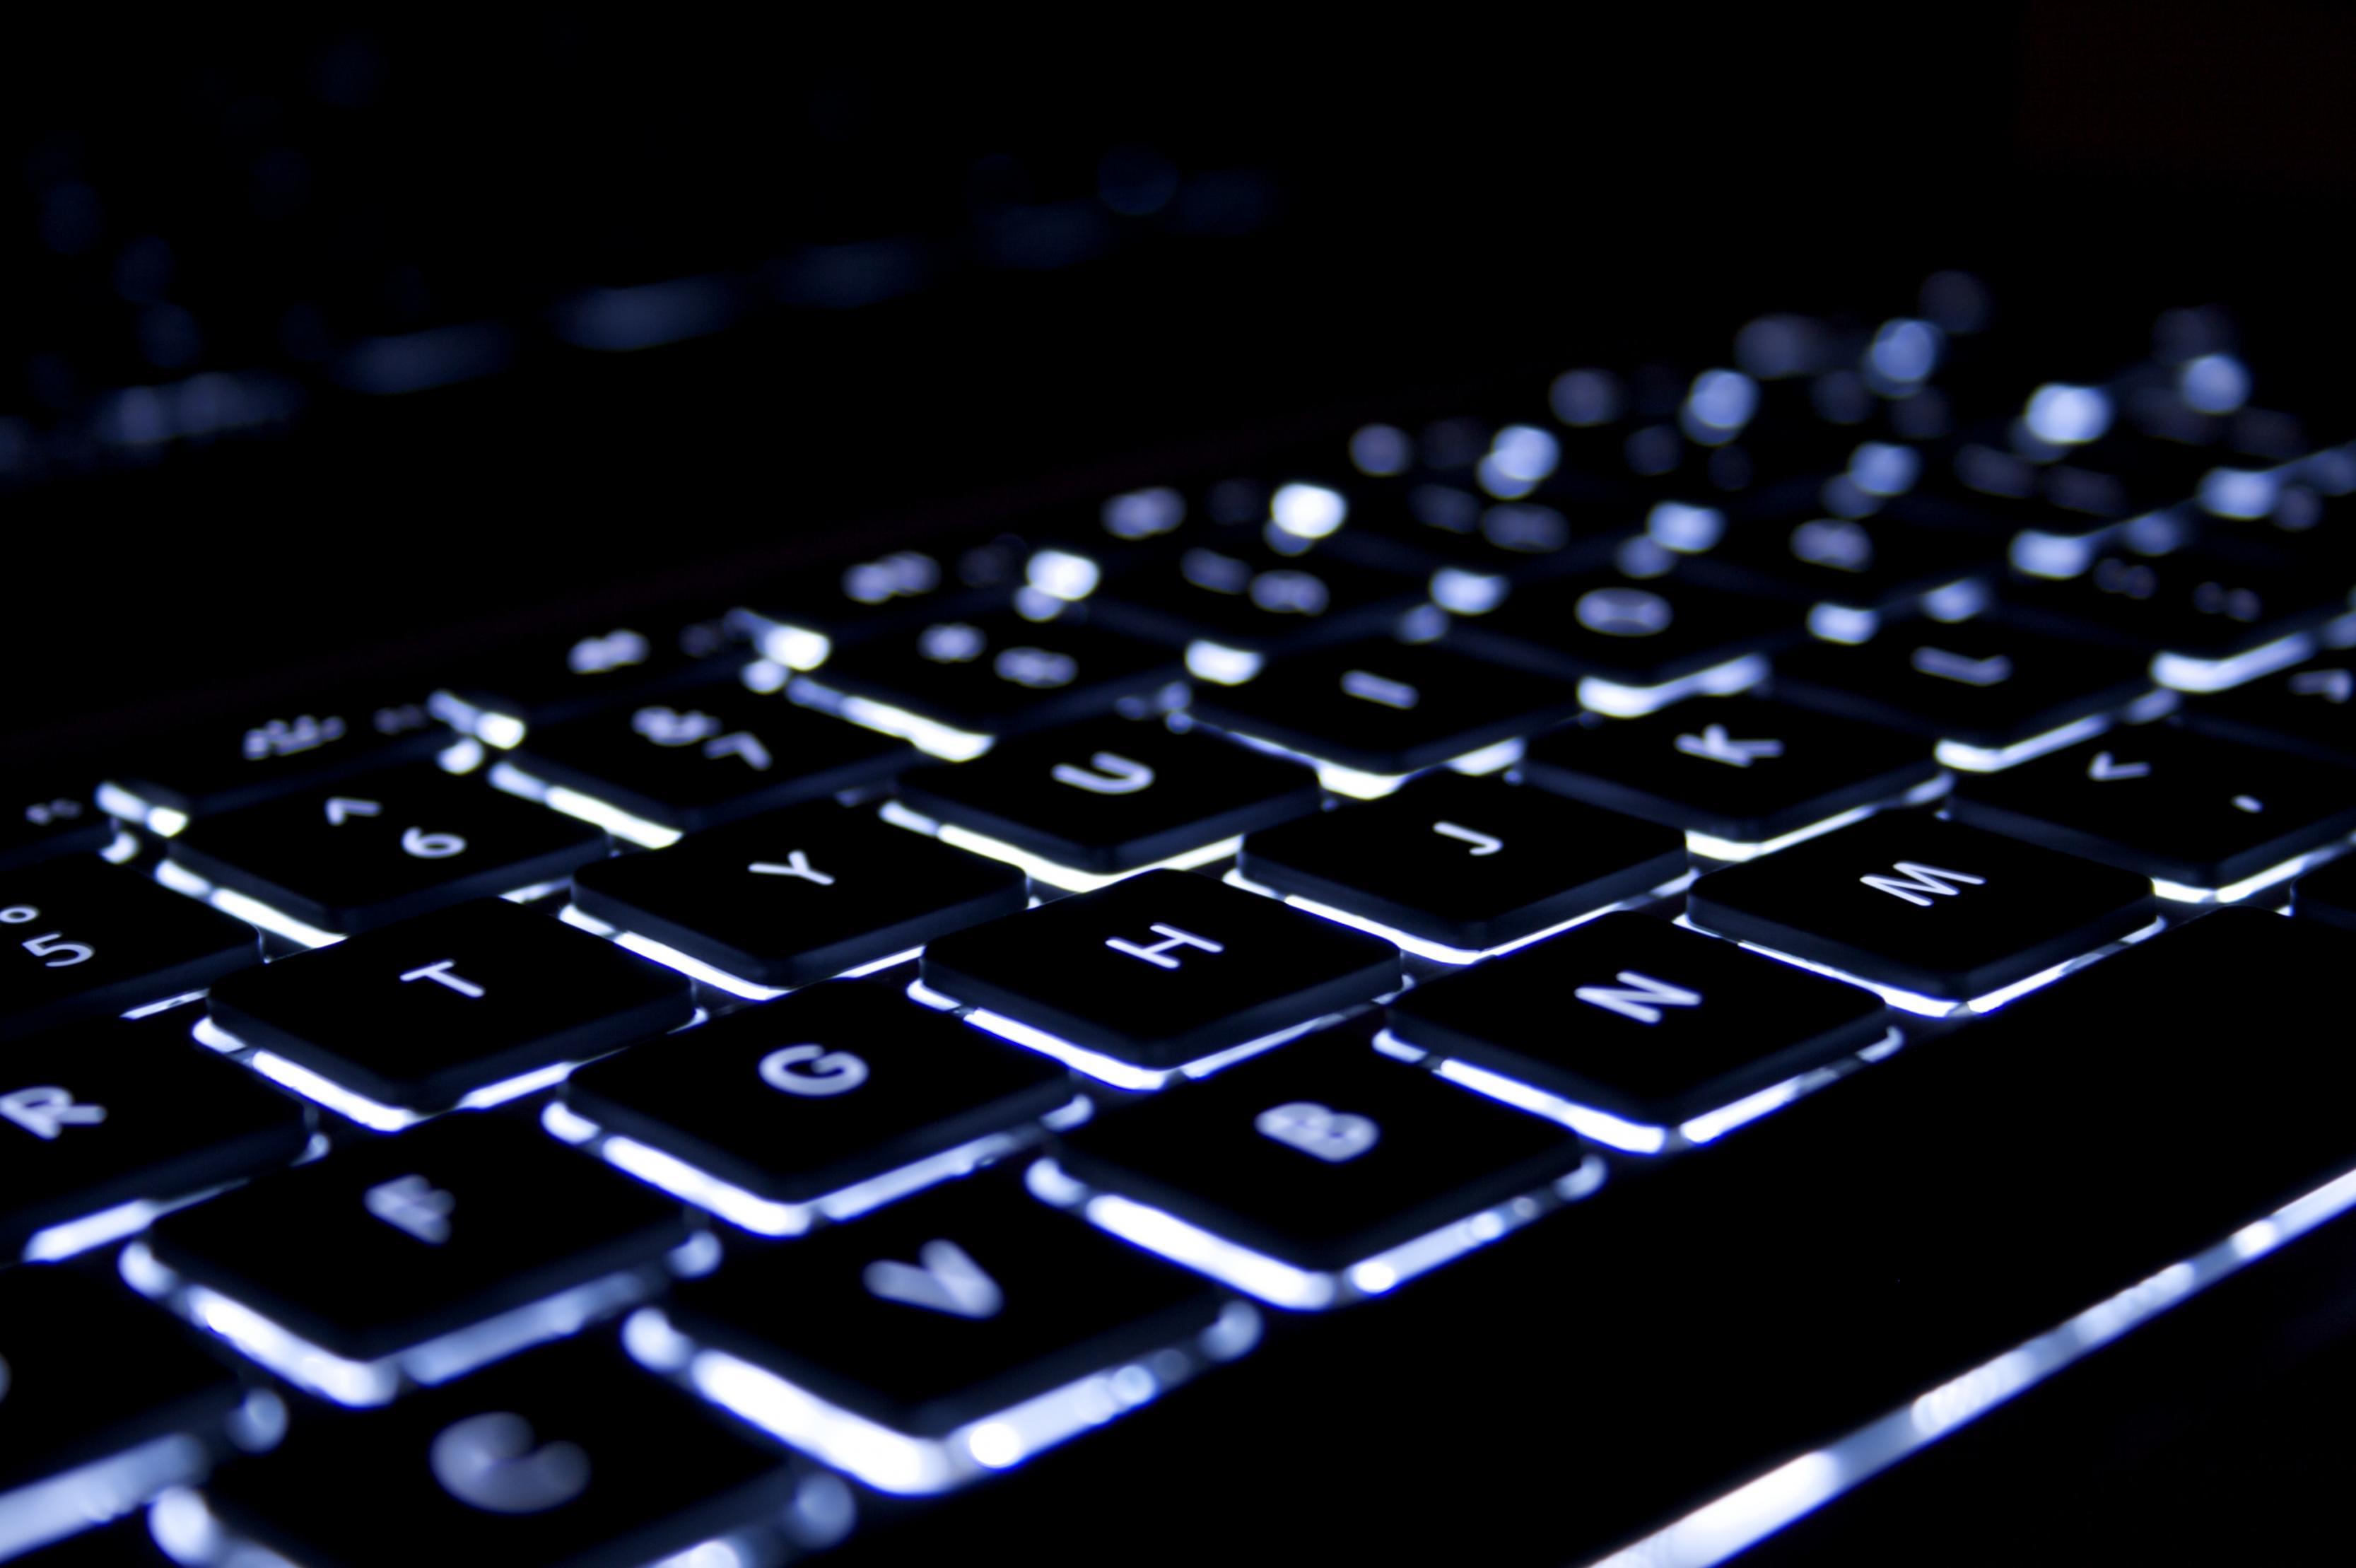 بالصور صور لوحة المفاتيح , خلفيات واشكال للكيبورد 4041 16